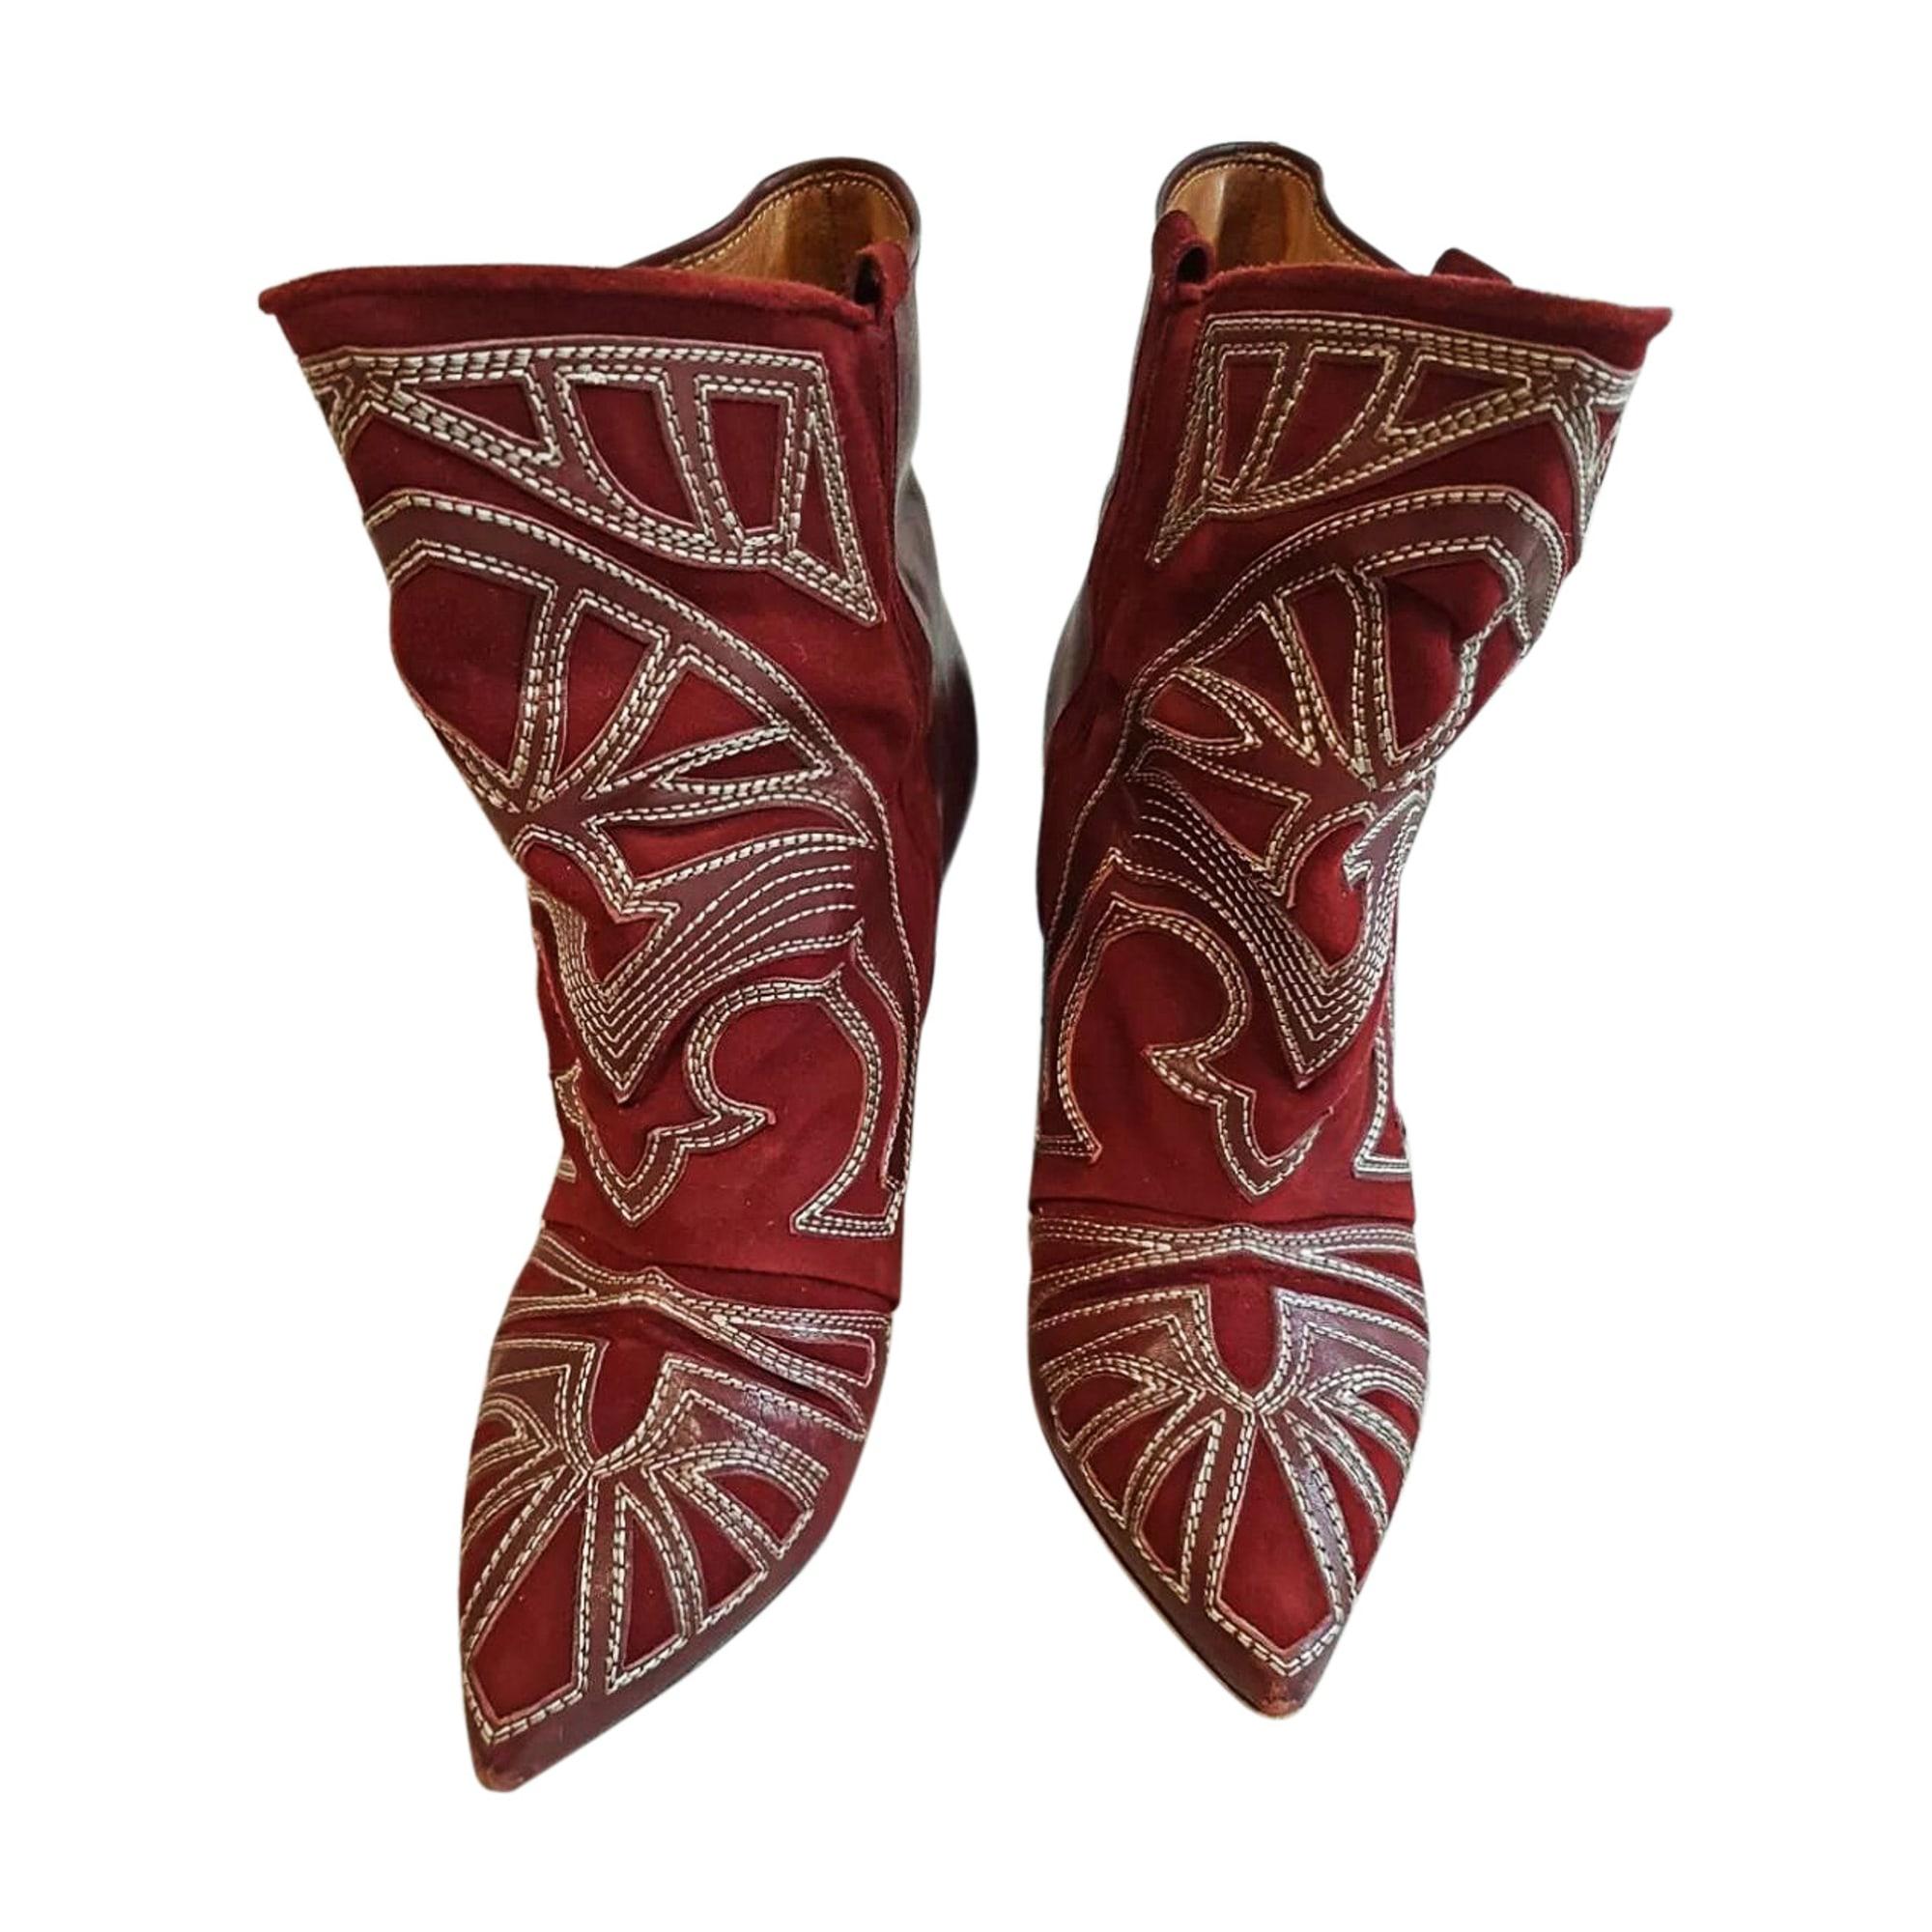 Cowboy Ankle Boots ISABEL MARANT Bordeaux